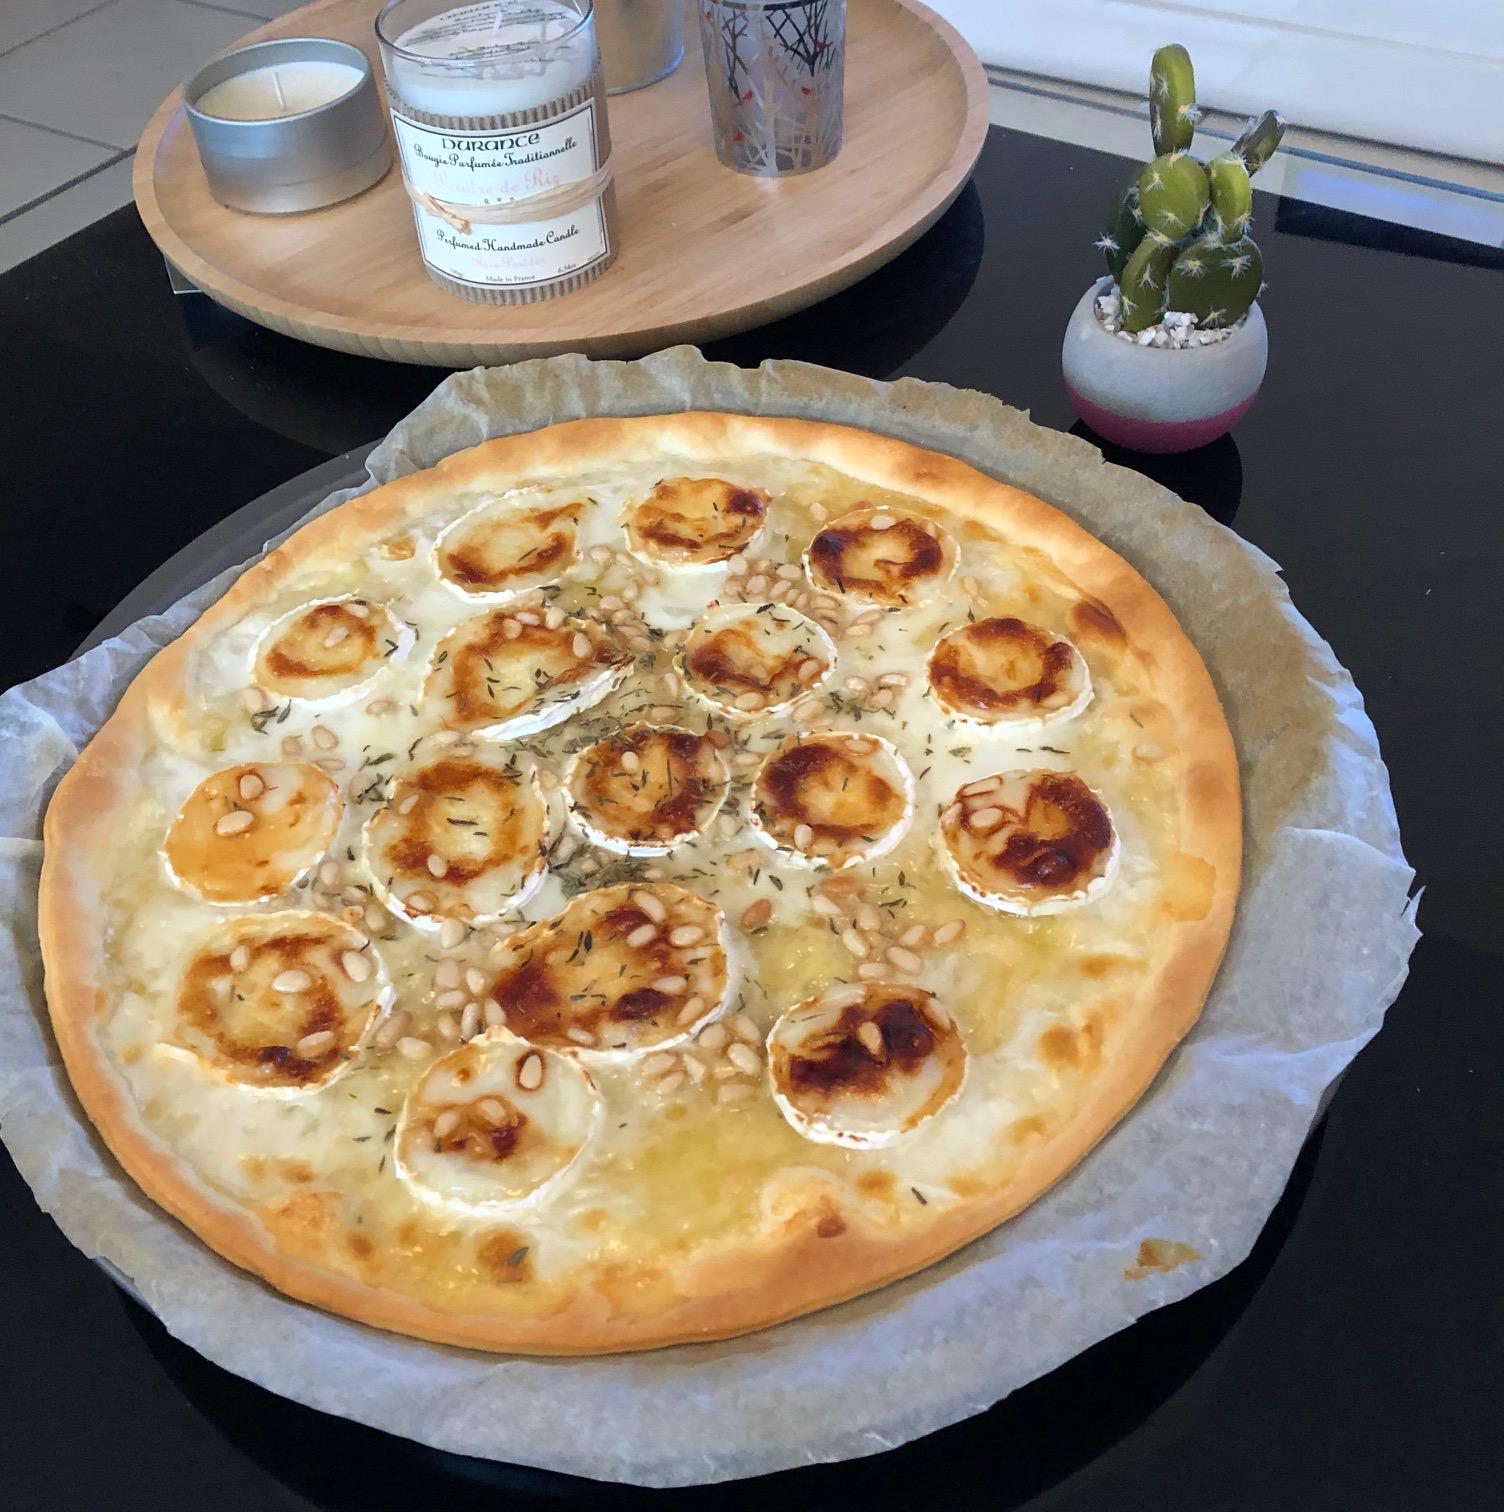 pizza ch vre miel vingt et un degr s. Black Bedroom Furniture Sets. Home Design Ideas